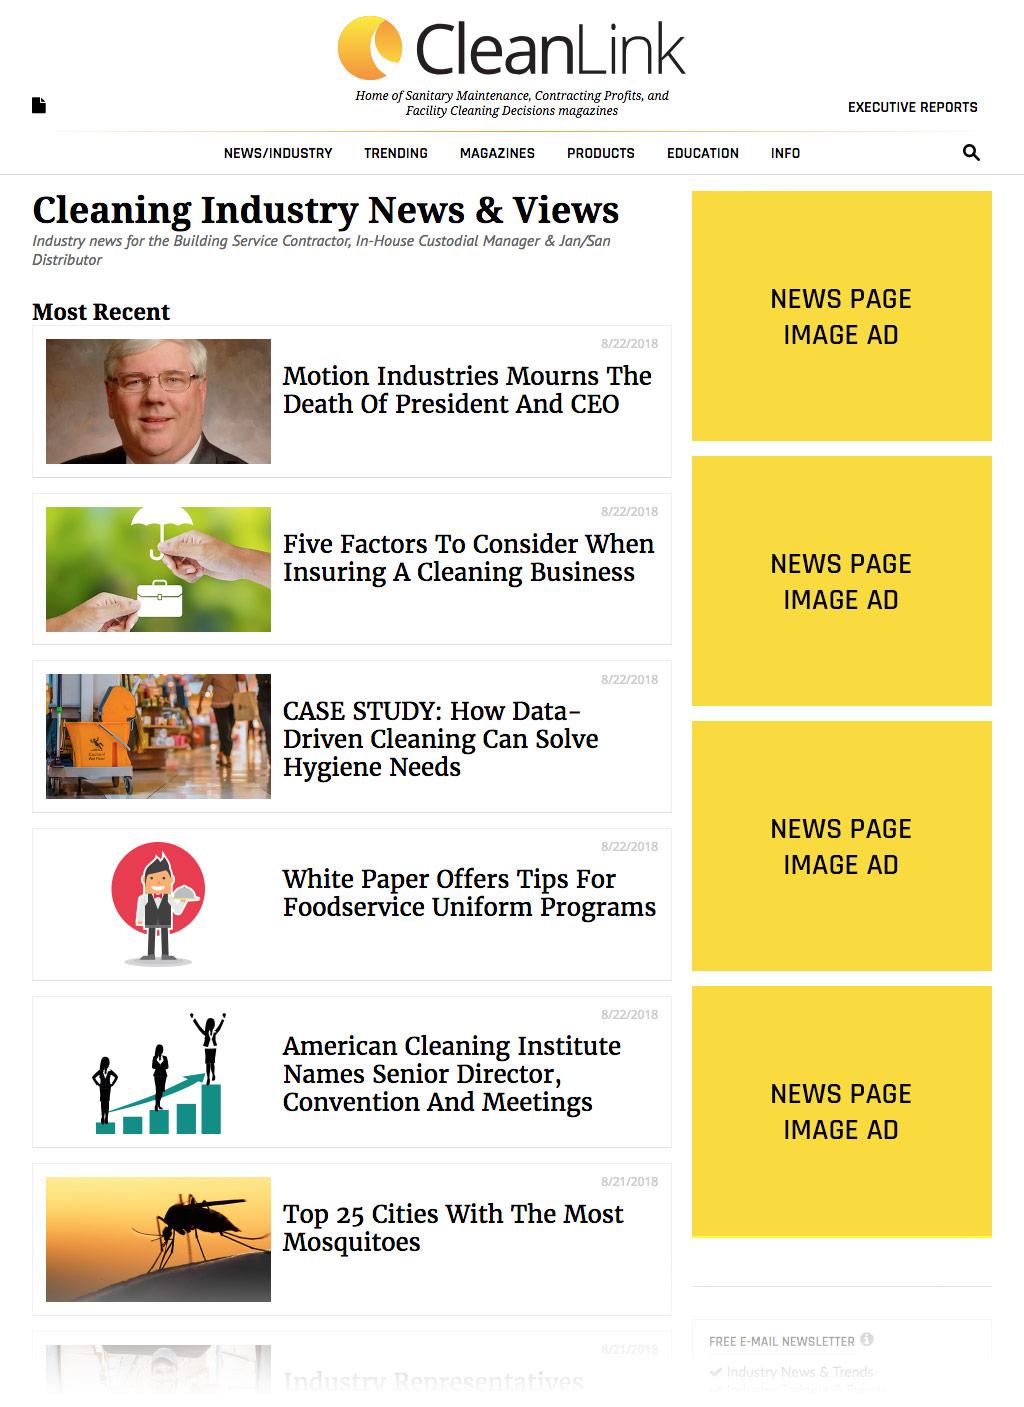 News Page Img Ad